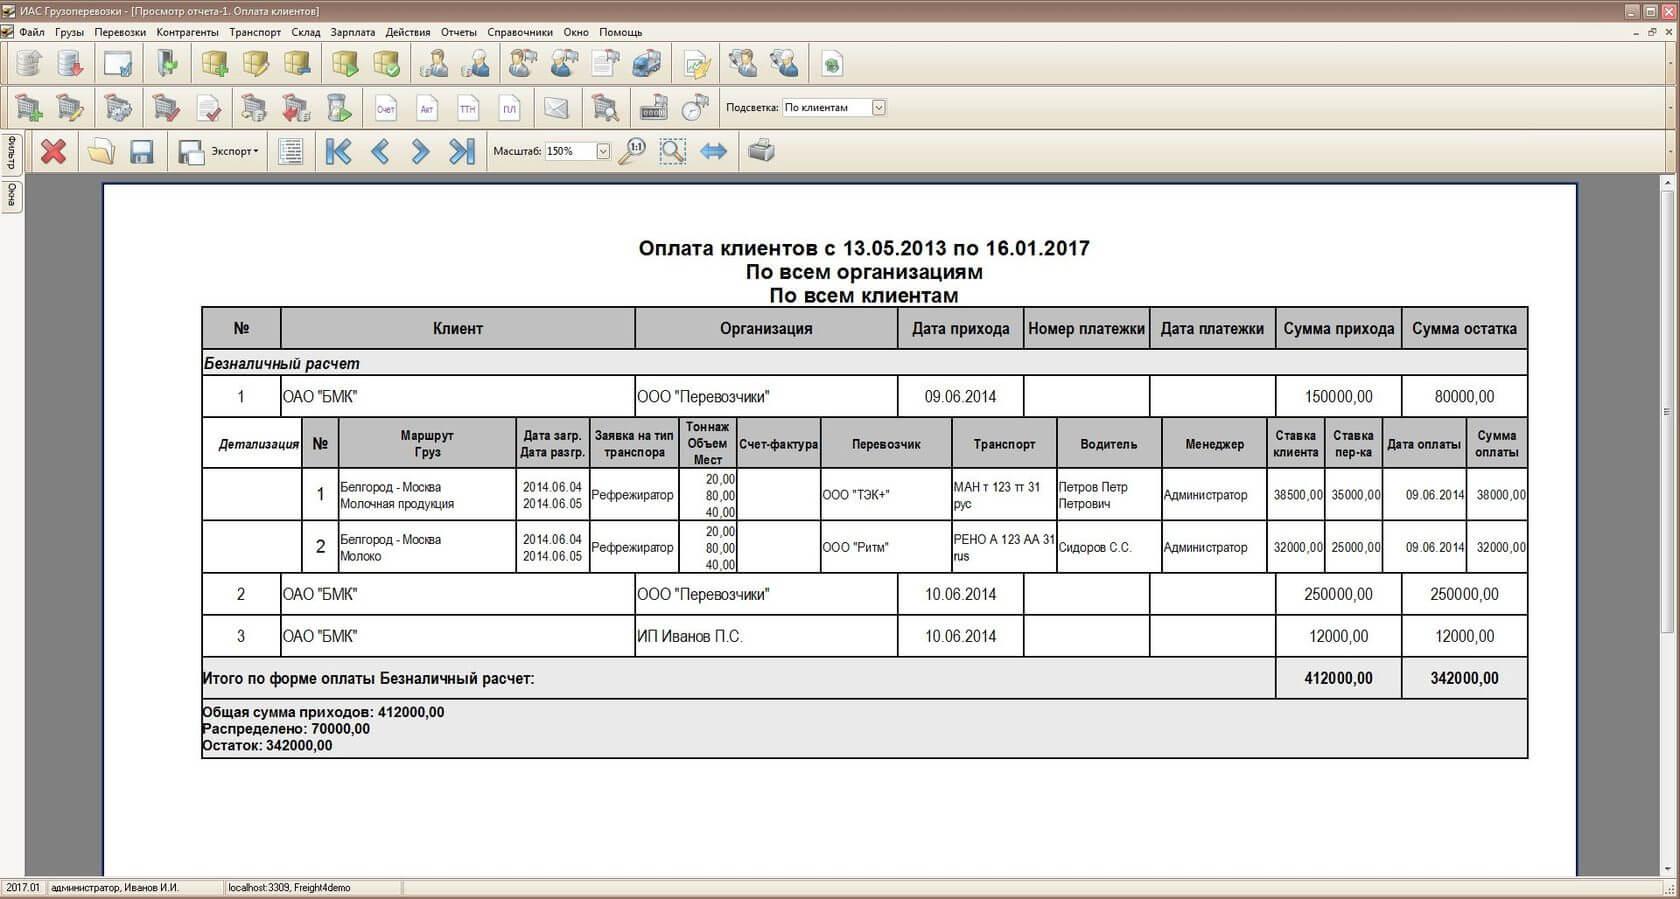 Отчет по оплате клиентов - программа Грузоперевозки